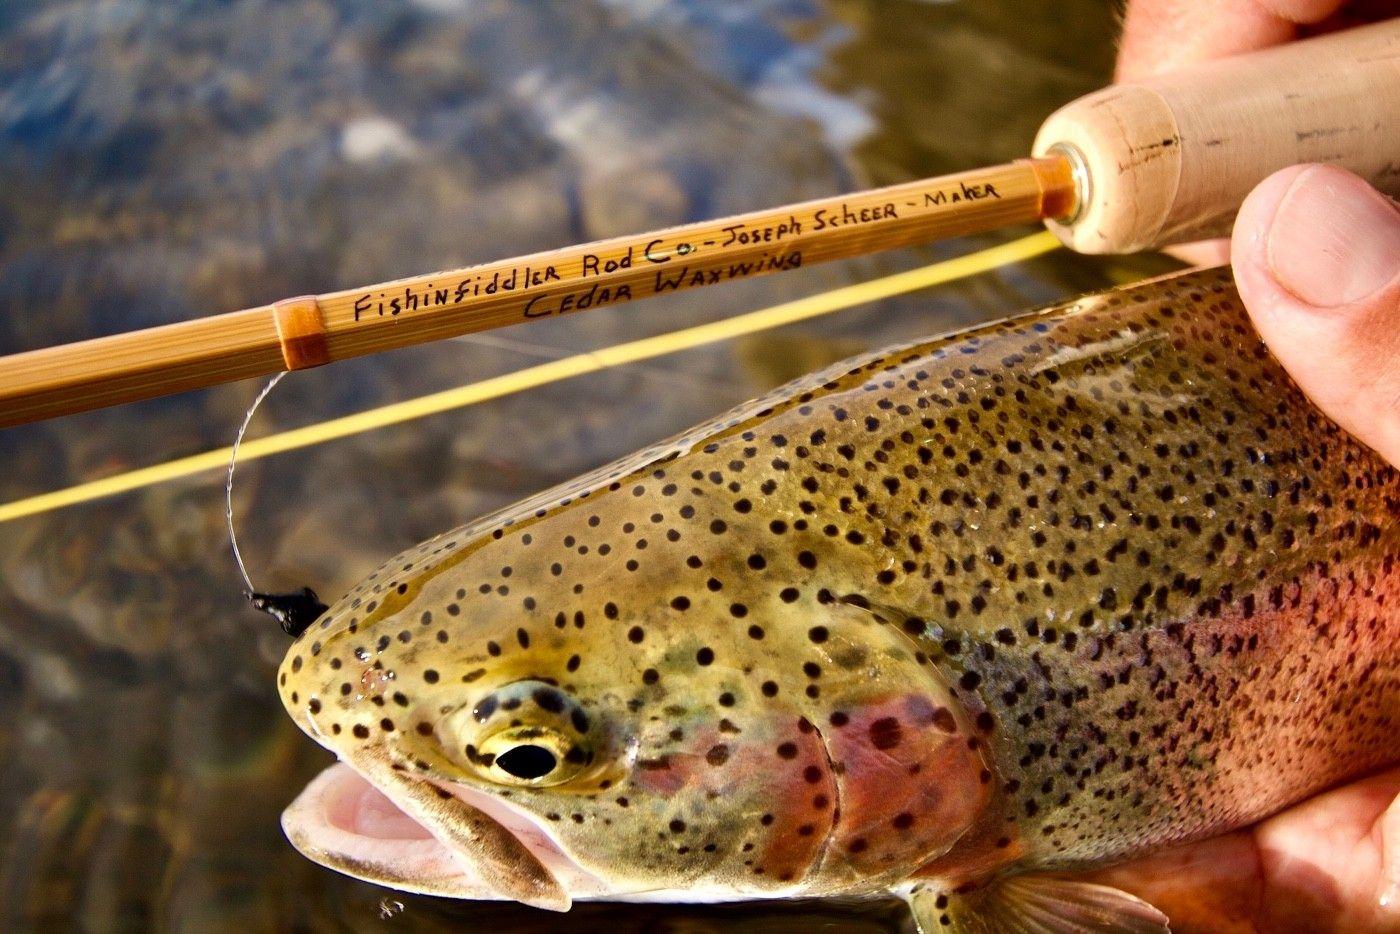 You'll enjoy world-class trout fishing.